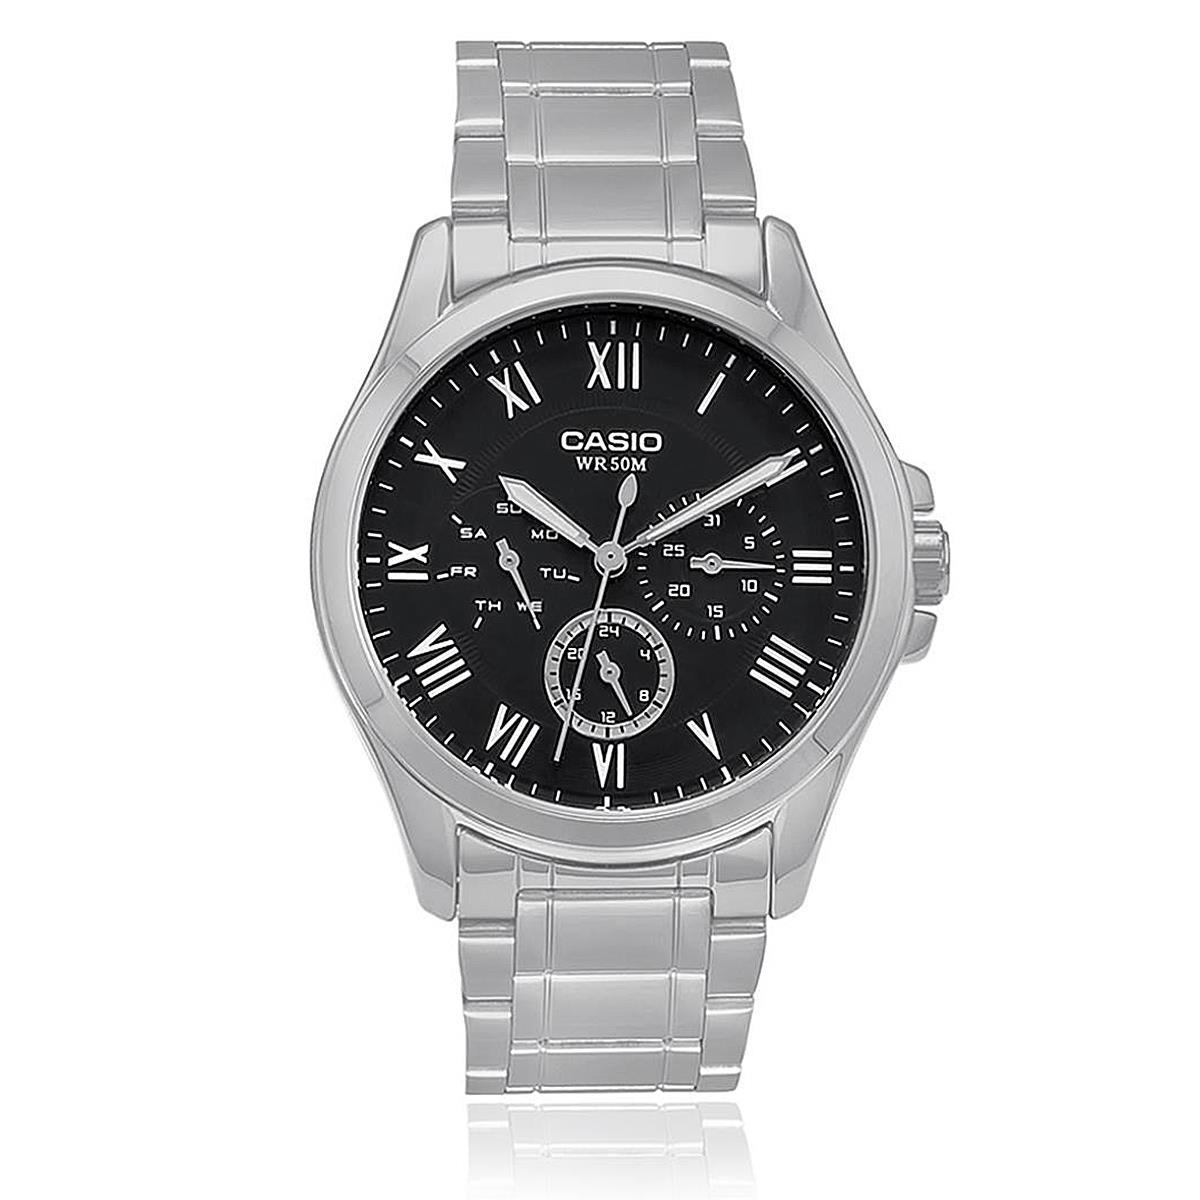 f8b9c1f80cf9 Relógio Masculino Casio Analógico MTP-E301ZD-1BVDF Fundo Preto